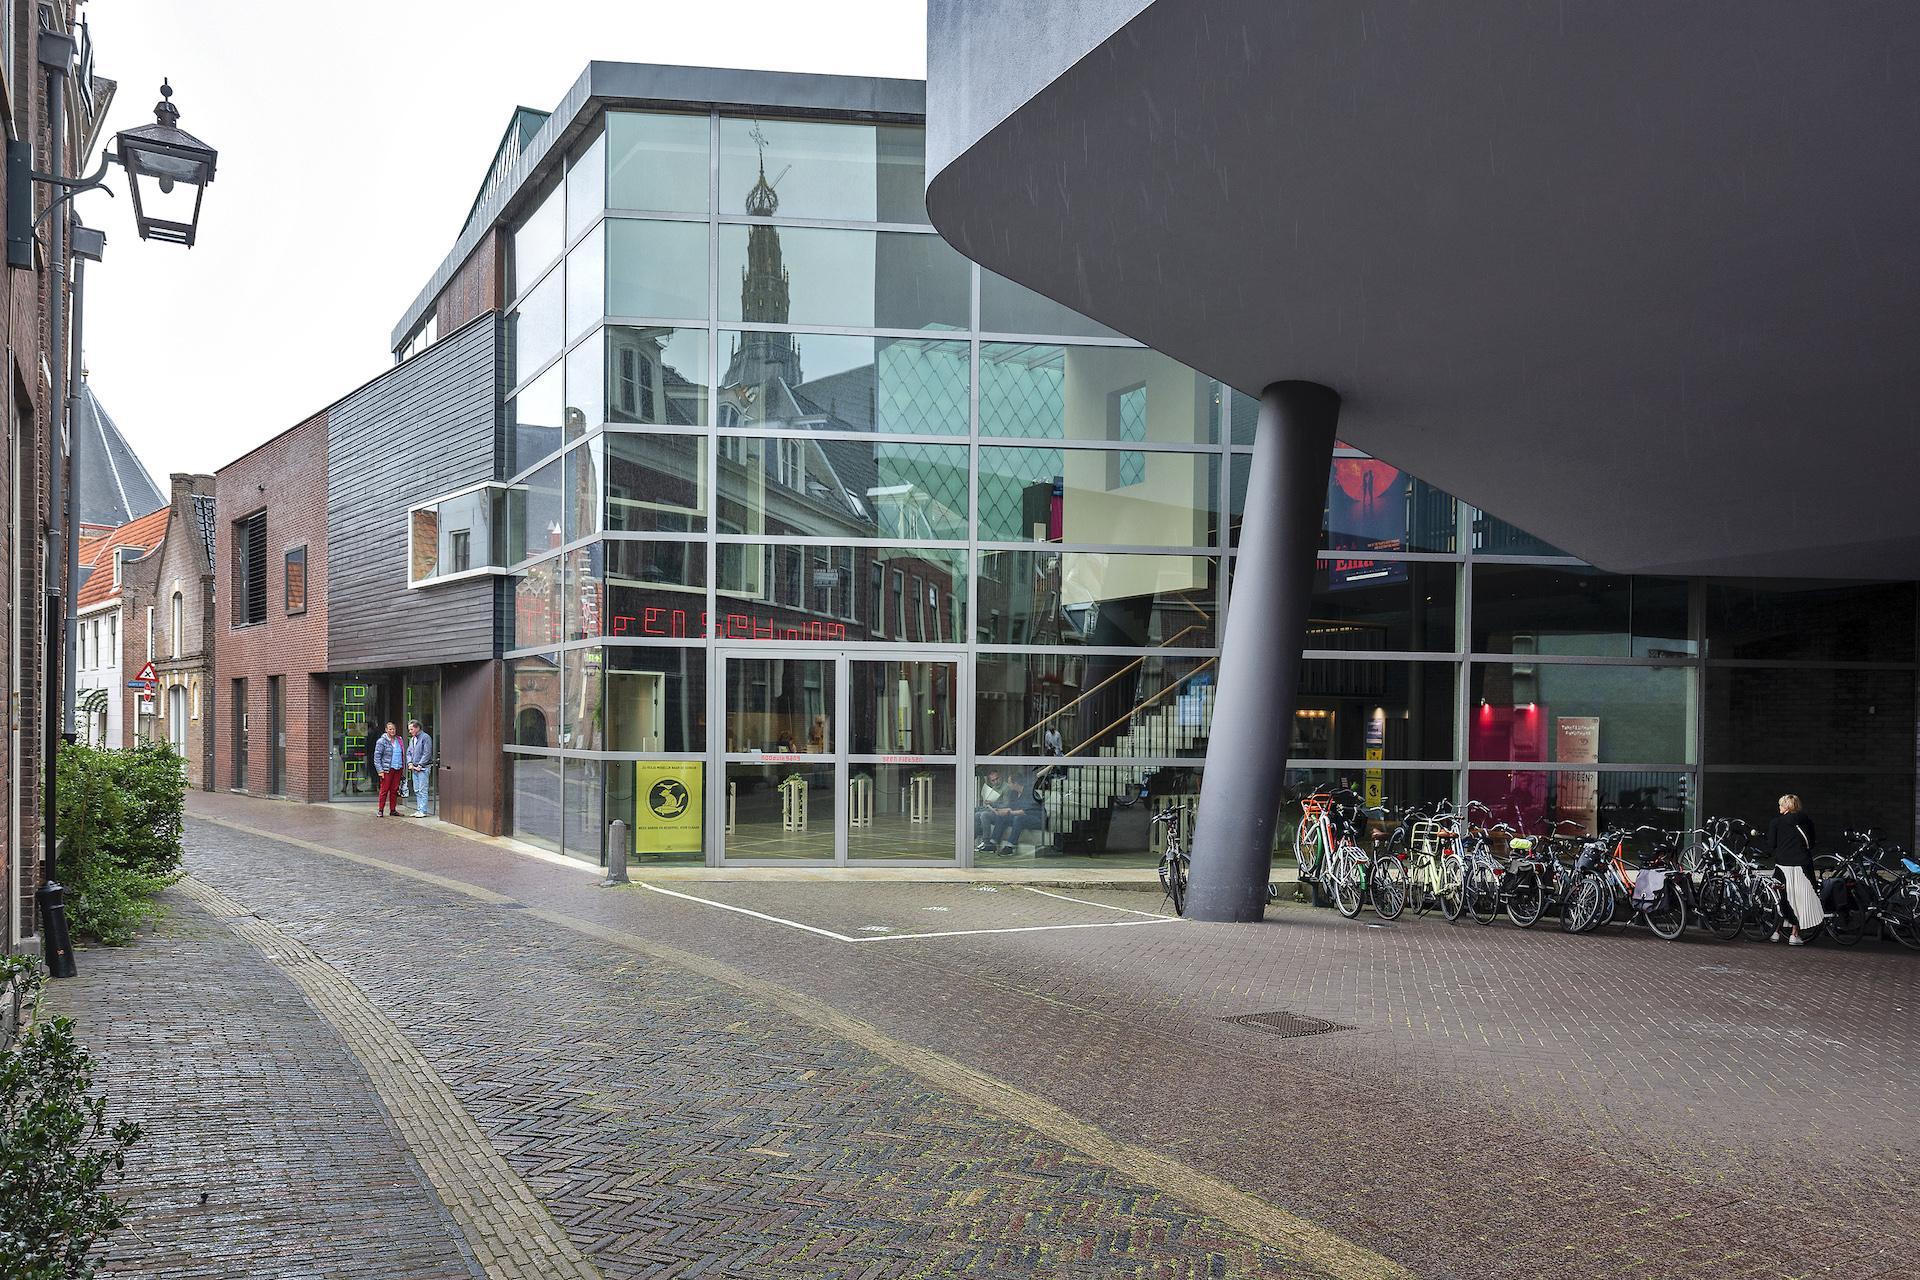 Geen ontheffing in Haarlem voor Toneelschuur is volgens Schuur 'misverstand'. Wel al groen licht voor Patronaat, Stadsschouwburg en Philharmonie en De Meerse in Hoofddorp [update]